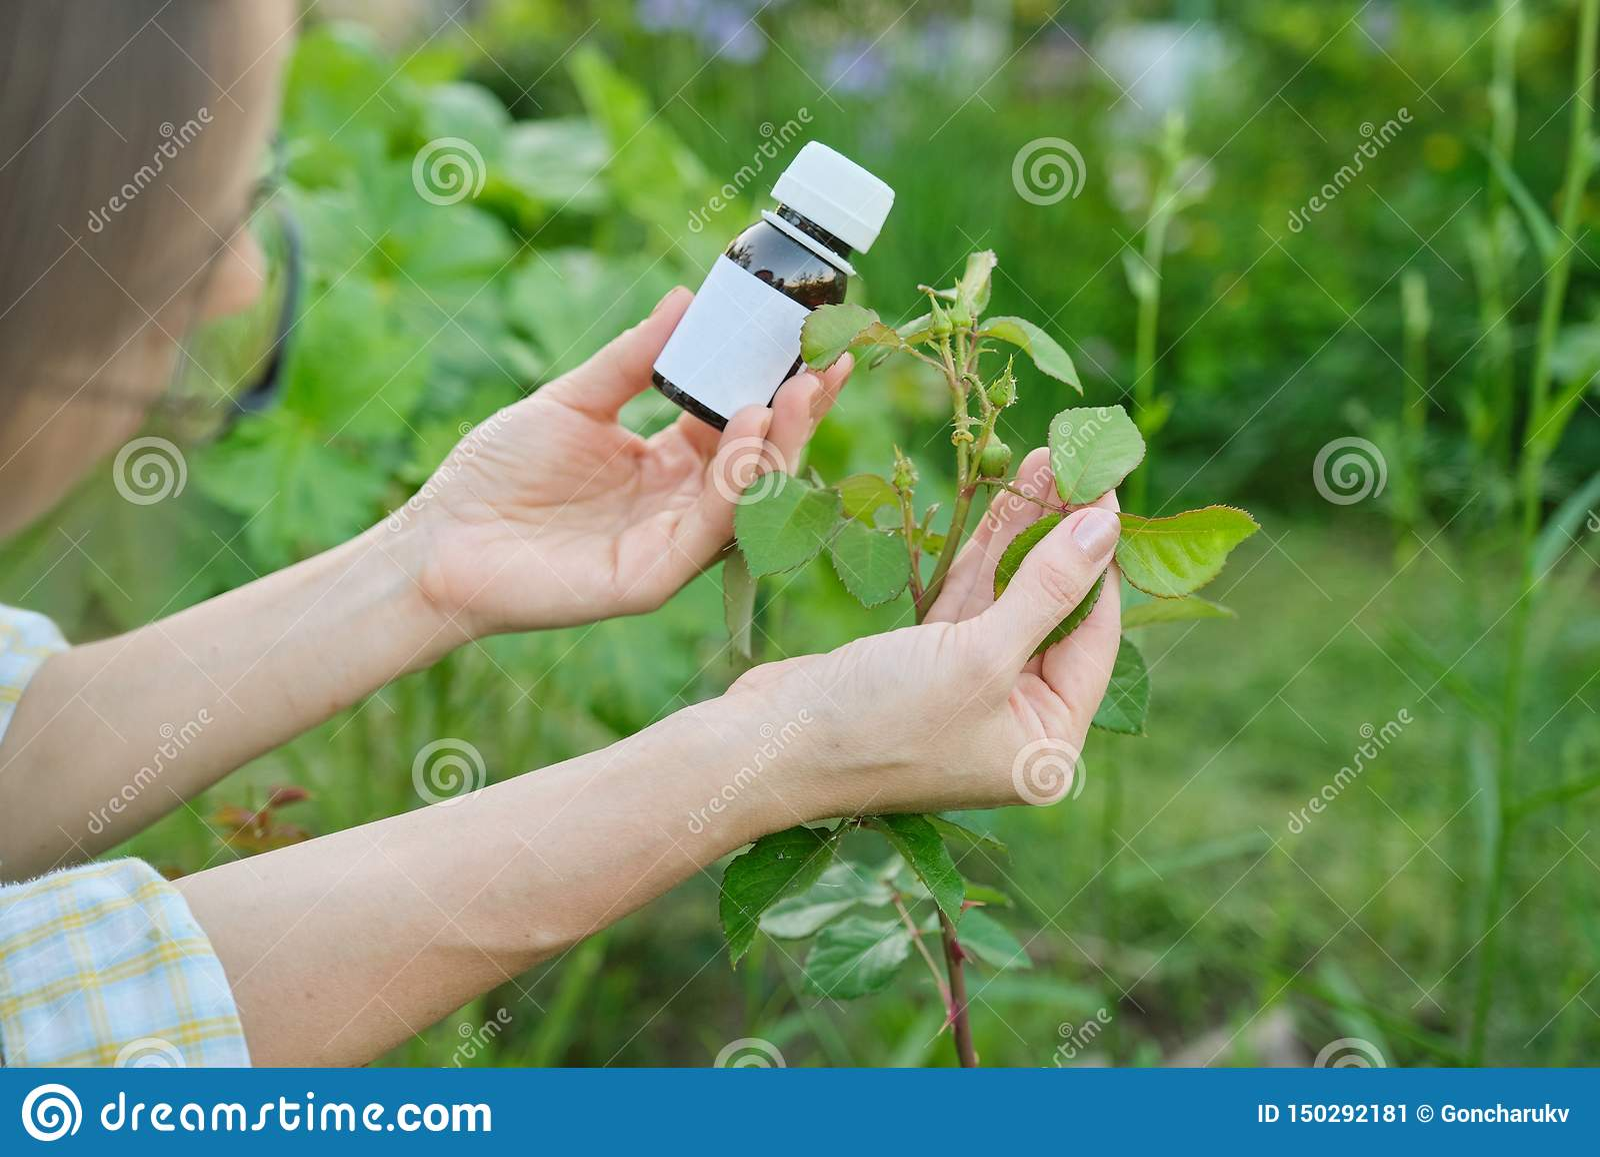 Butelka z chemicznym flitem w ogrodniczki ręce w górę, tło atakująca korówka insektów roślina wzrastał